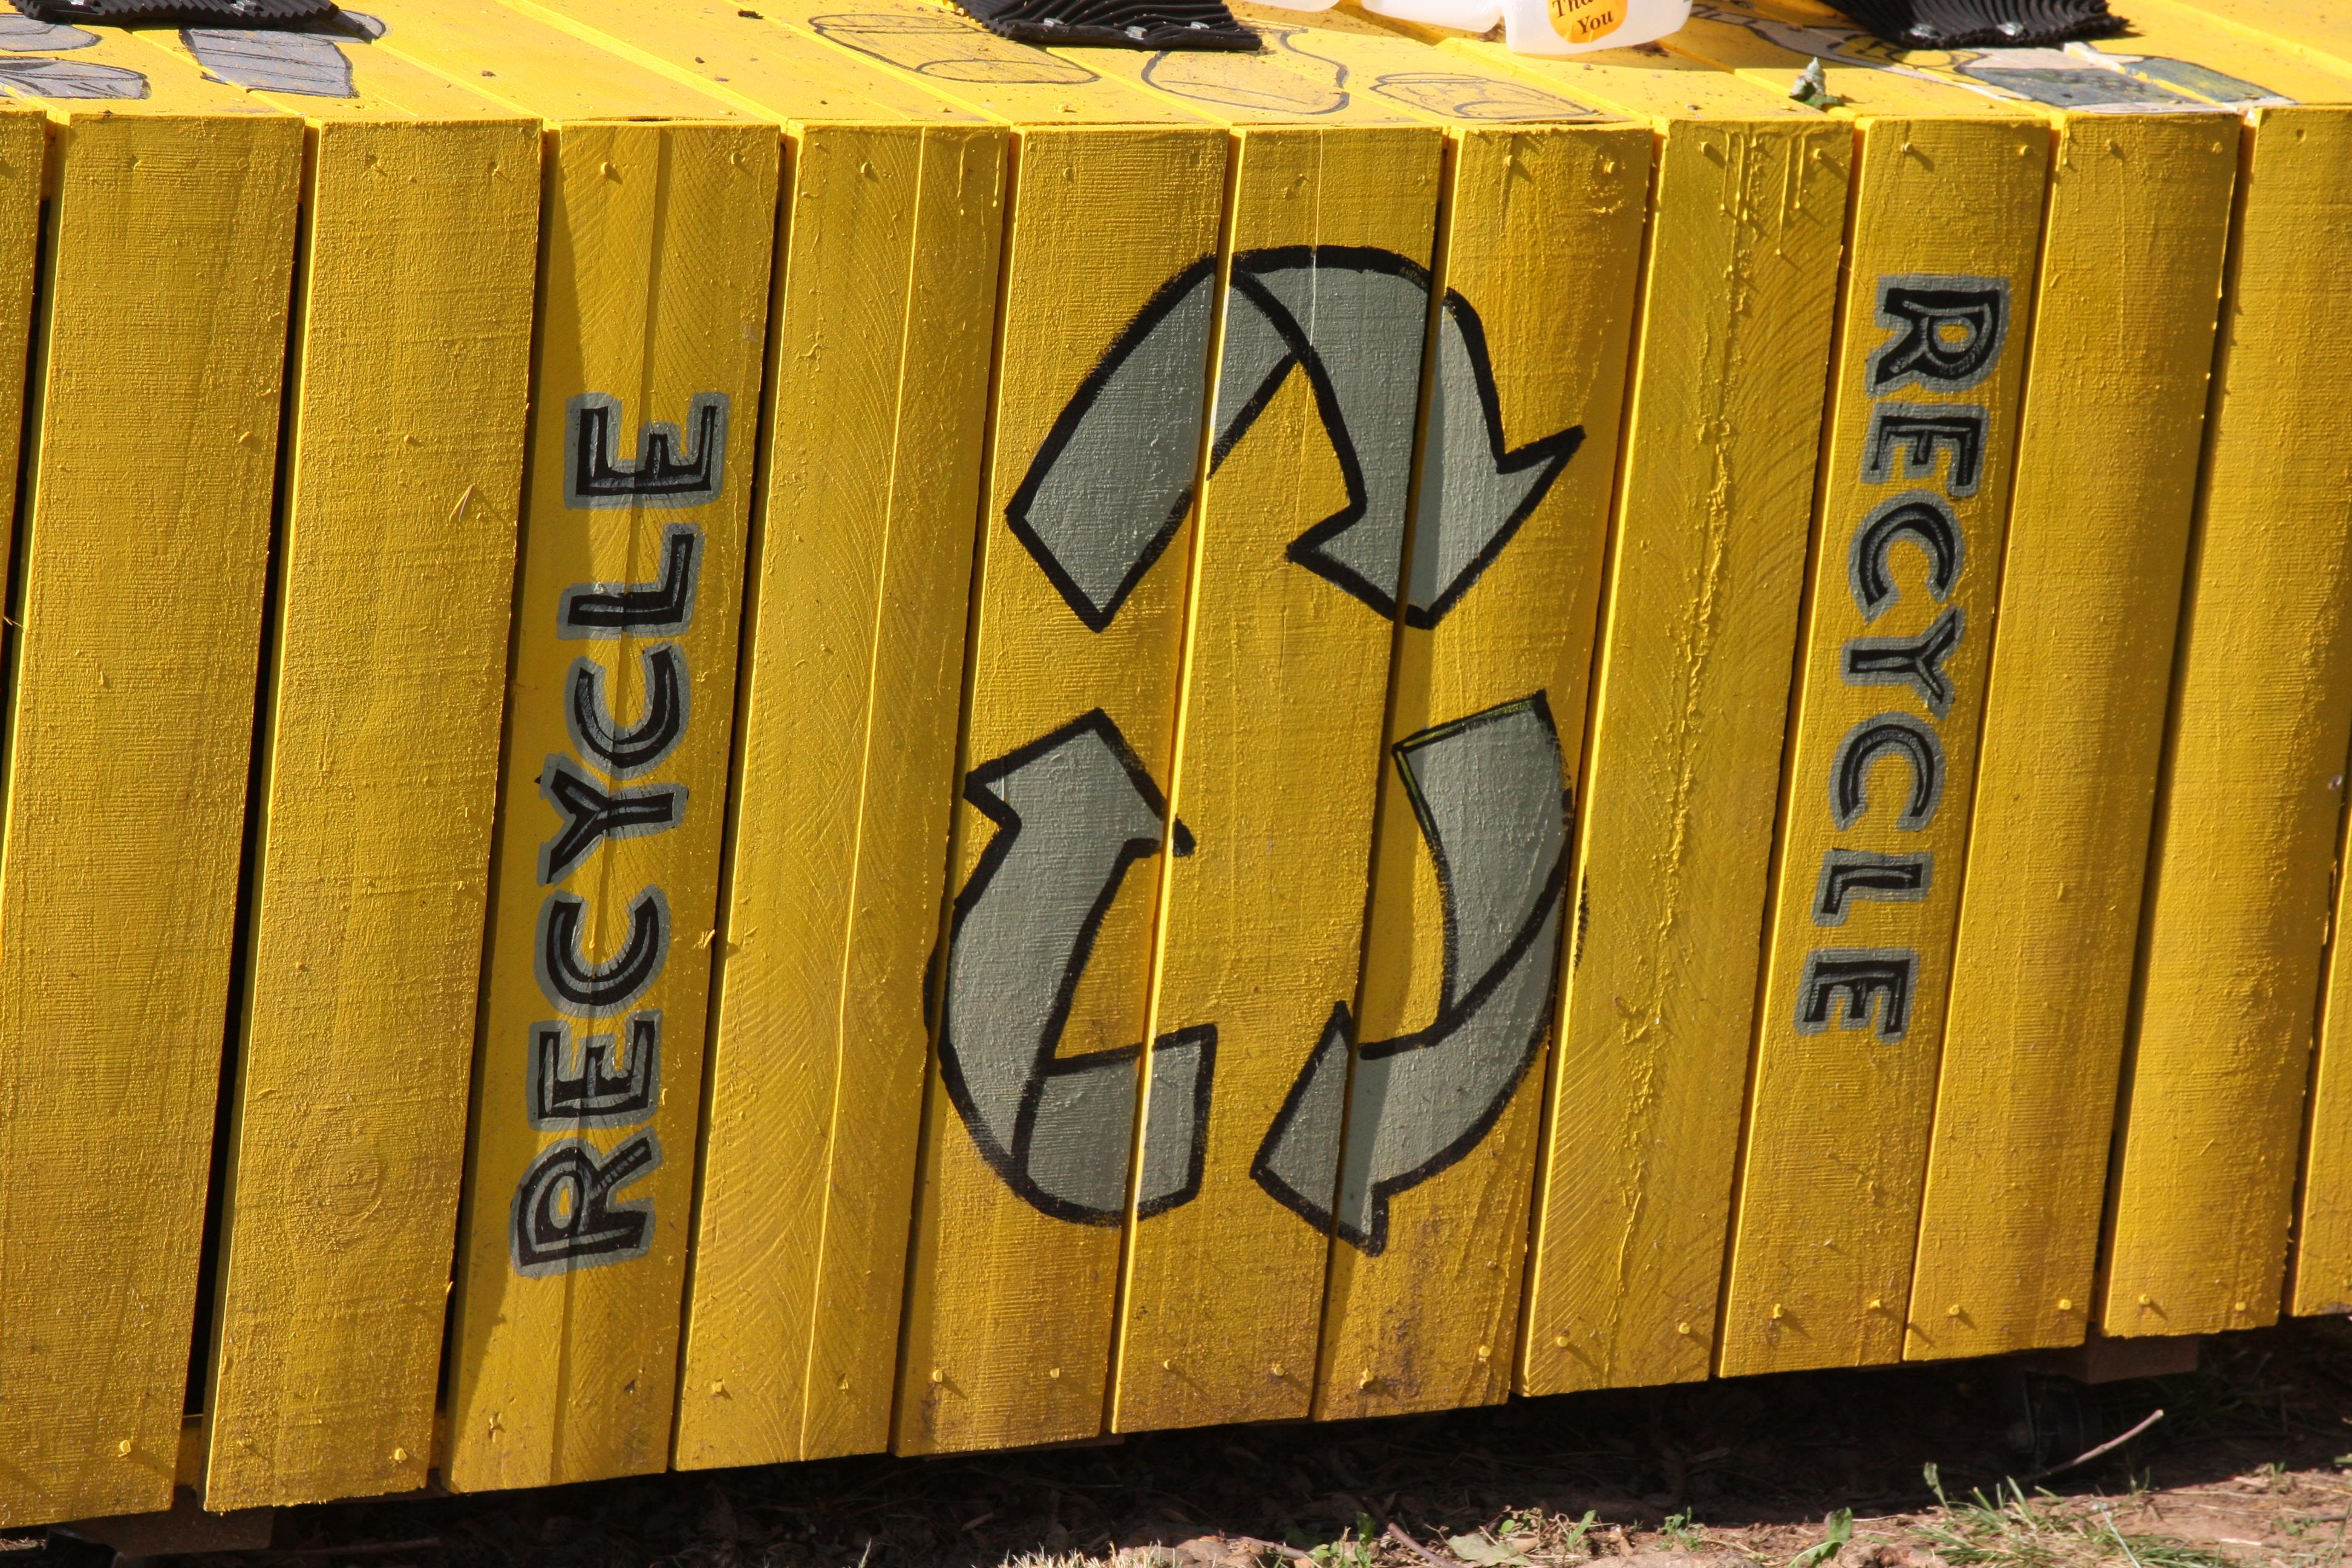 Springfield / Route 66 KOA Holiday image 12